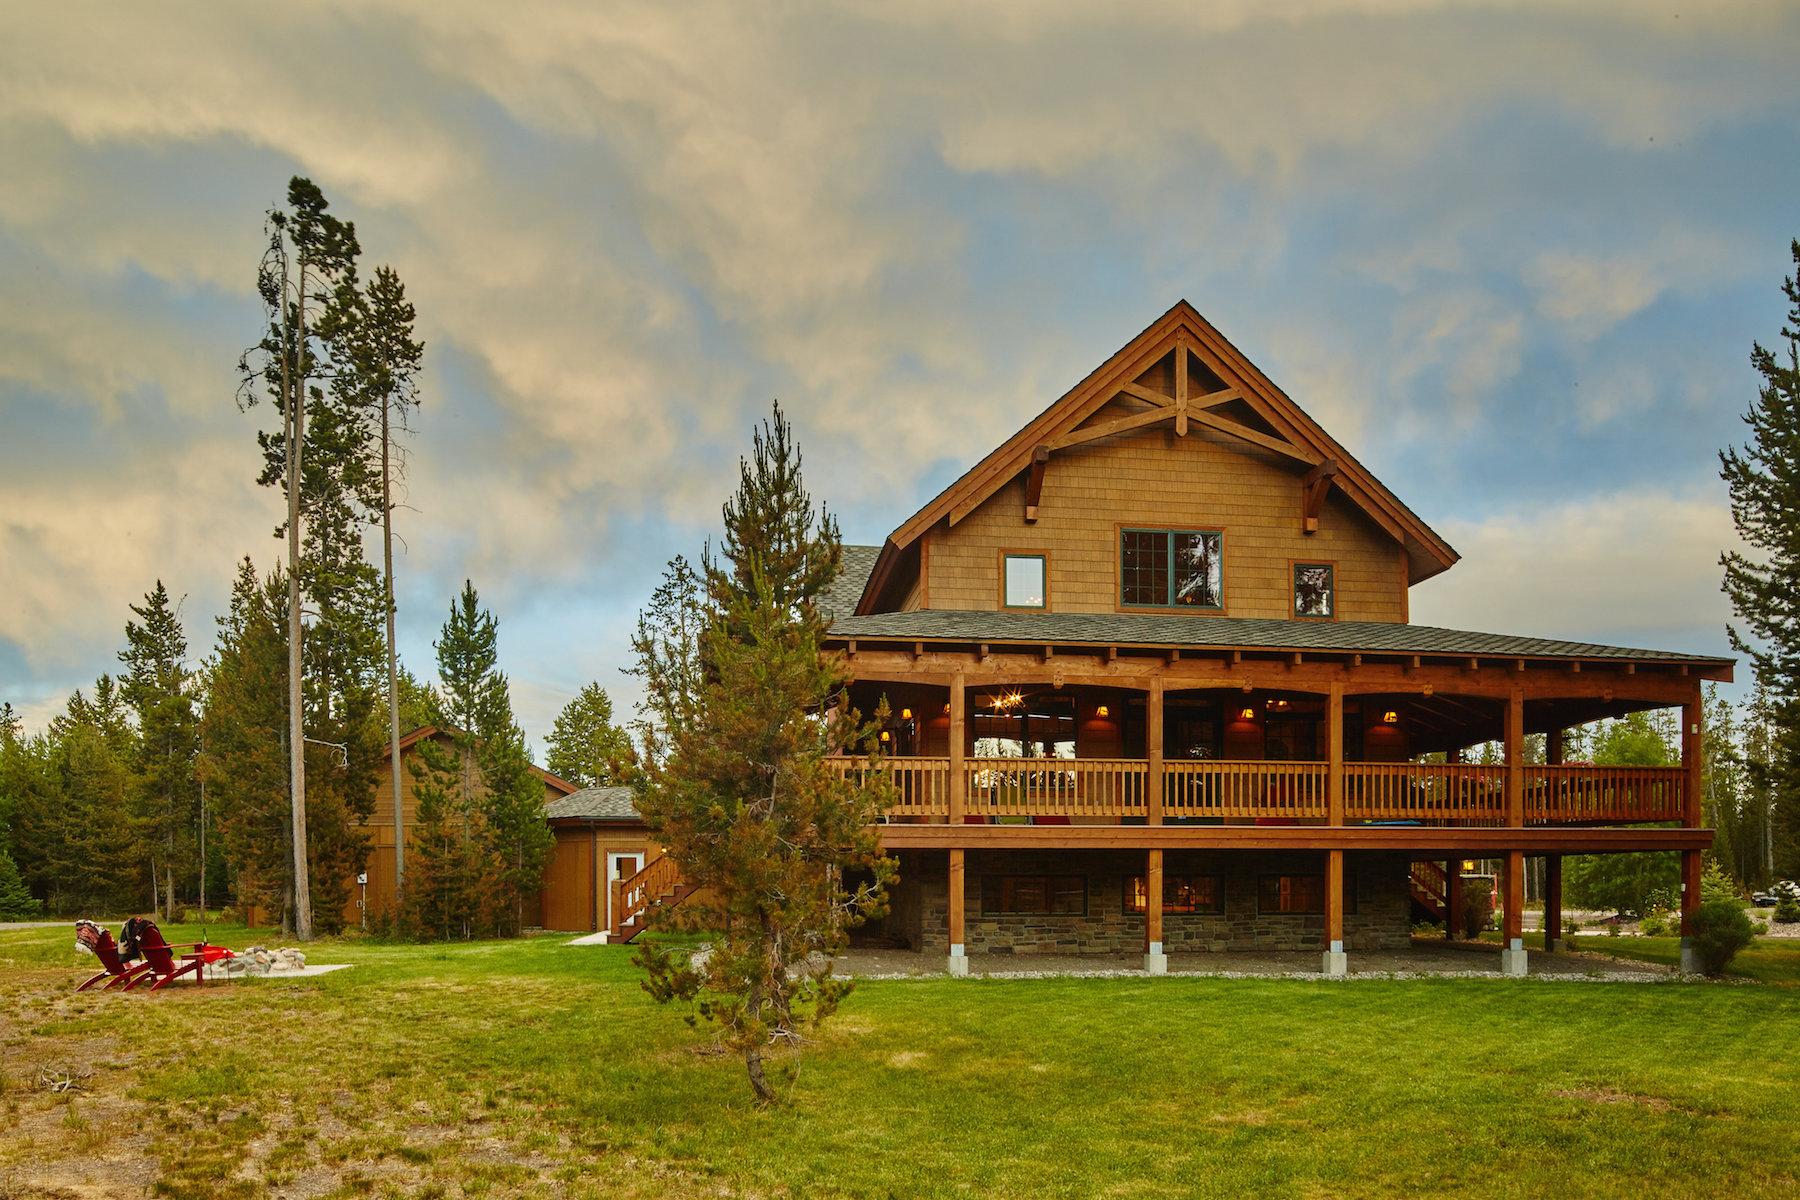 Casa Unifamiliar por un Venta en 656 Grouse Court West Yellowstone, Montana, 59758 Estados Unidos